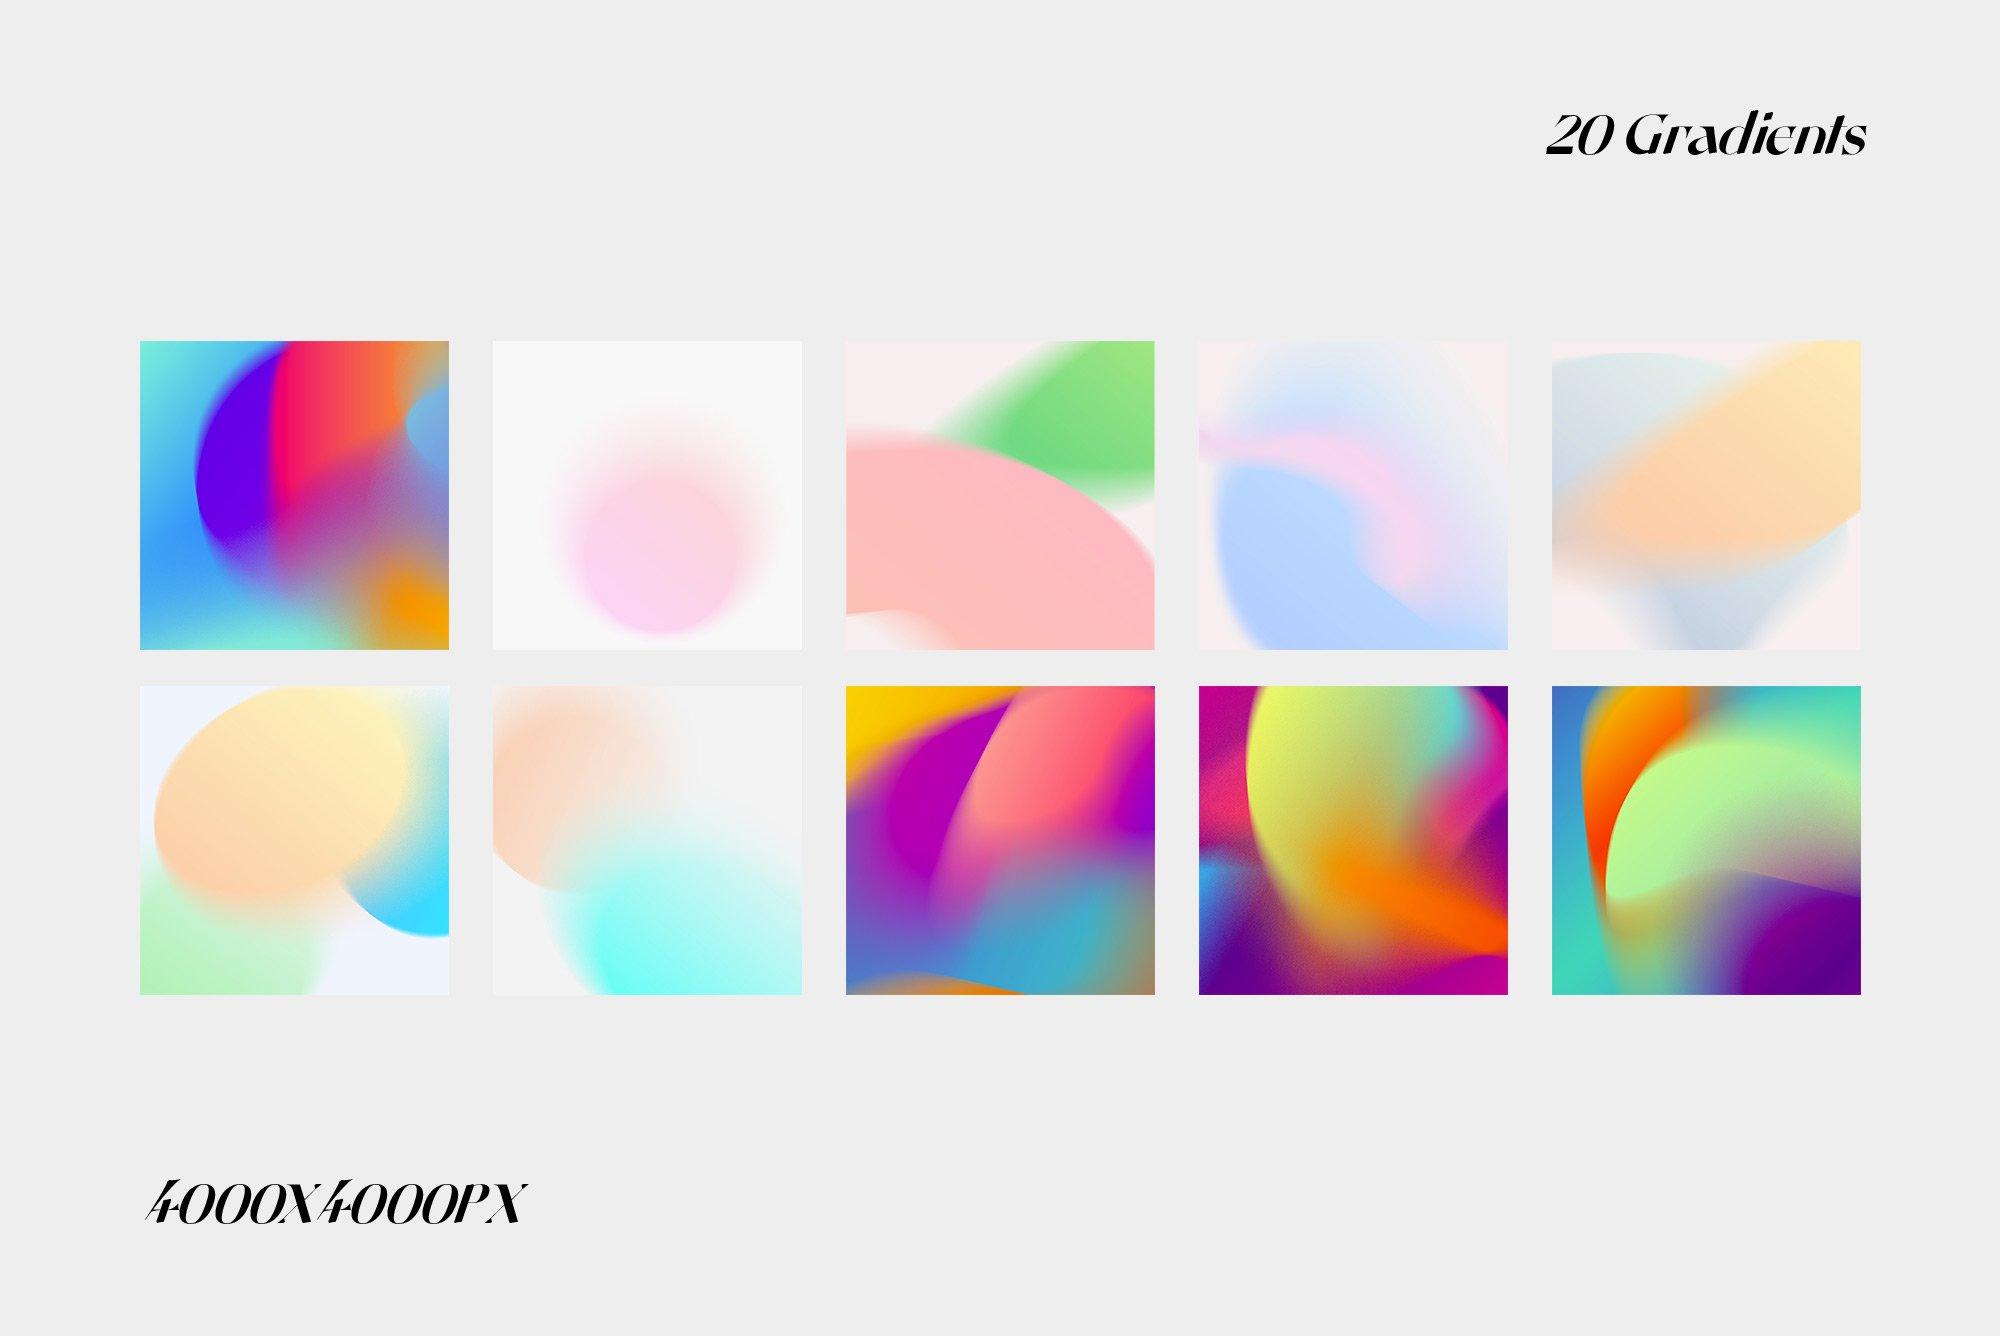 [单独购买] 潮流复古炫彩颗粒噪点模糊渐变背景纹理图形设计素材 Gradient Color Grainy Textures插图7